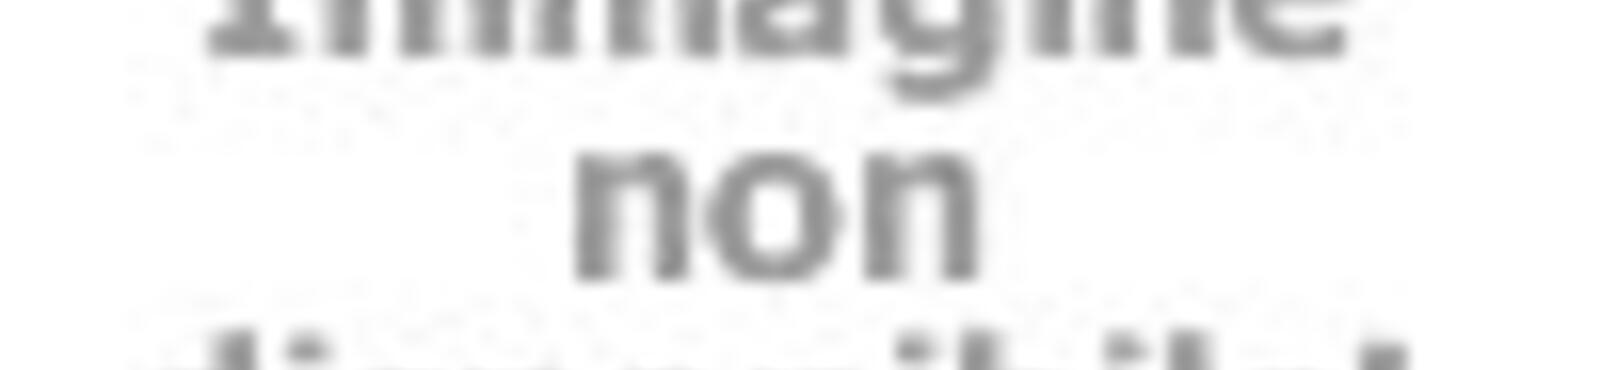 petronianaviaggi it isole-eolie-le-sette-sorelle-figlie-del-fuoco-v390 002